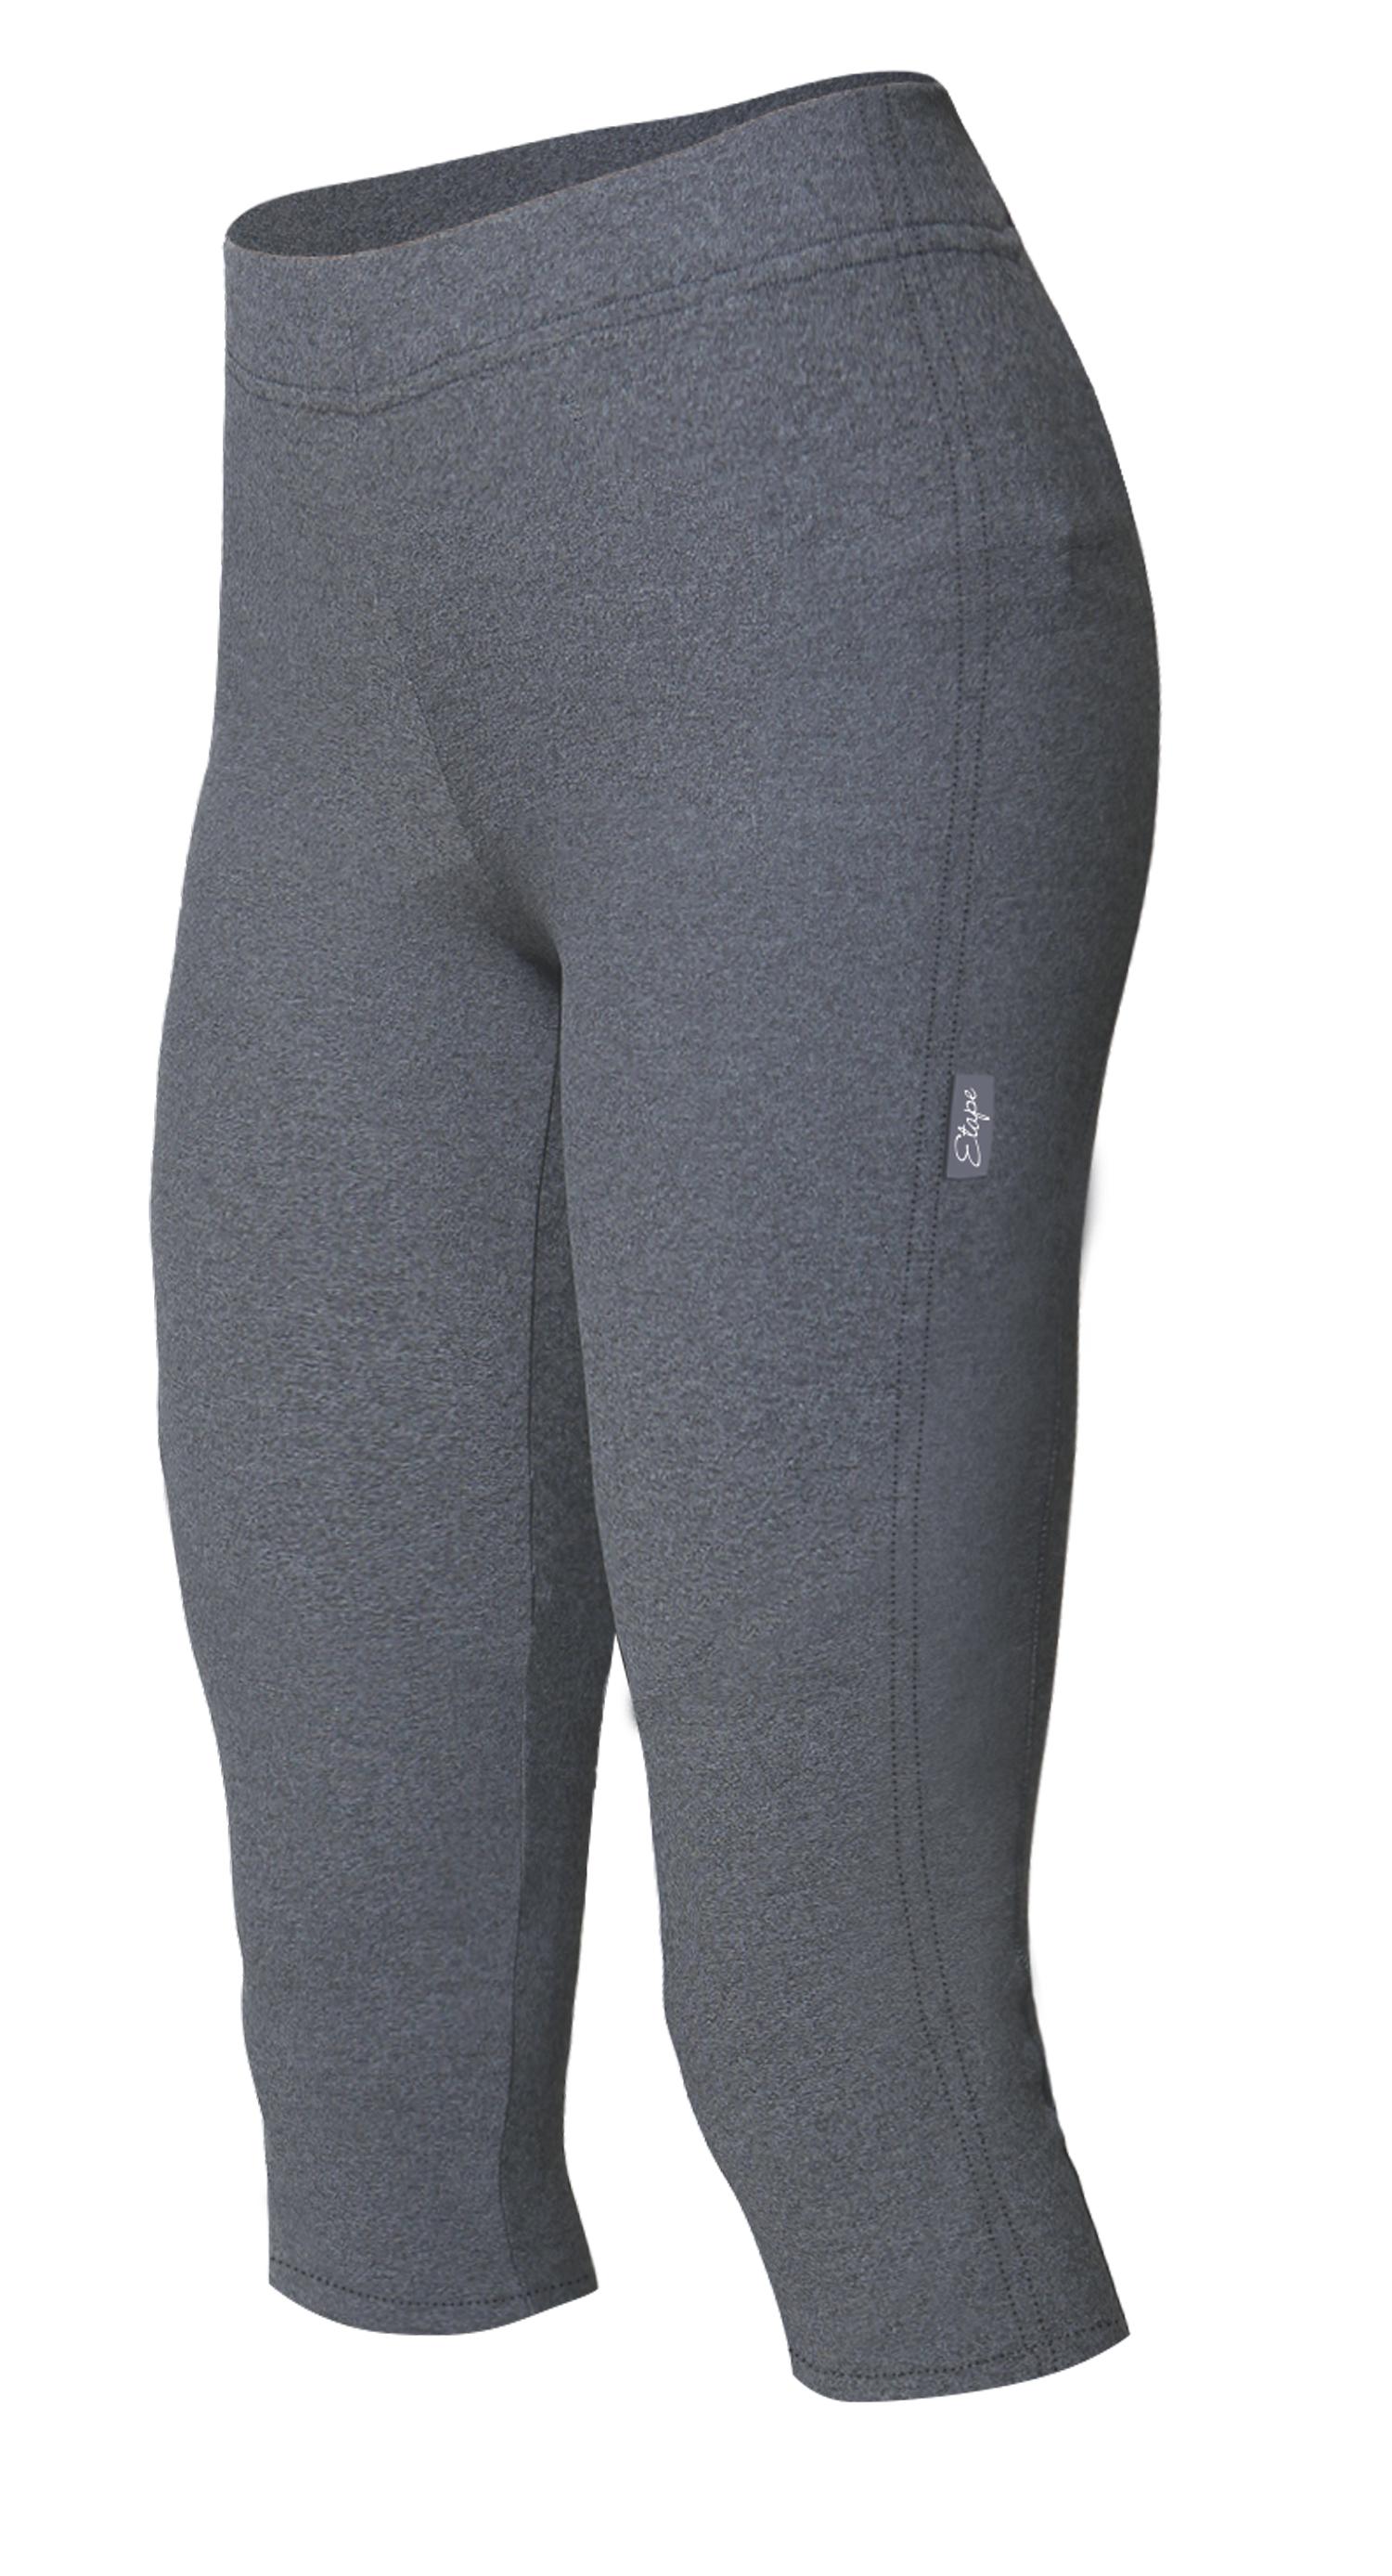 Dámské cyklistické kalhoty ETAPE Lady 3/4, vel. M, šedá, s vložkou, model 2017 (Dámské cyklistické kalhoty Etape, s dámskou elastickou vložkou )